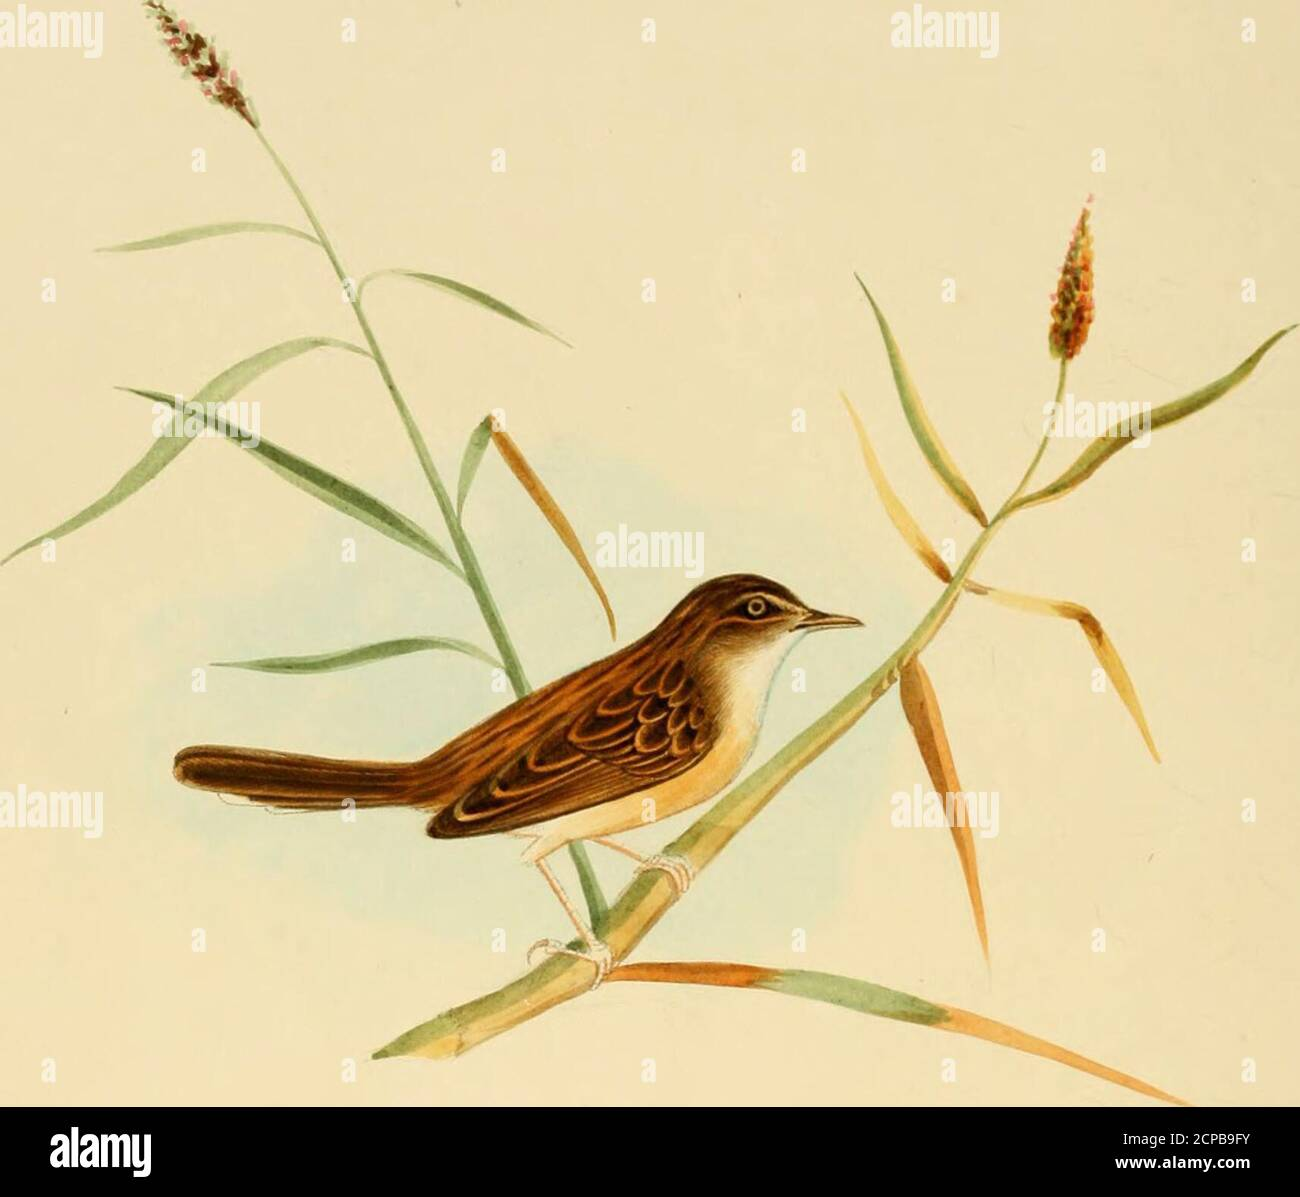 . Illustrationen der indischen Ornithologie : mit fünfzig Figuren von neuen, unfigurierte und interessante Vogelarten, vor allem aus dem Süden Indiens. Es scheint zu Swainsons subgenusHemilophus gehören. Es scheint dem Picus-Lenkogaster von Temminck sehr ähnlich zu sein, daser Horsfield sich mit seinem P. Jacensis identifiziert, Siace namens P. Horsfieldii von Wagler. In noneof der Beschreibungen dieser Arten finde ich jedoch eine Erwähnung der auffälligen F Abbildungen des indischen Omithologtj ; weißer Rücken. Mr. Blyth scheint jedoch zu glauben, dass mein Vogel mit lenco-Gaster identisch sein könnte, wie er es hat Stockfoto